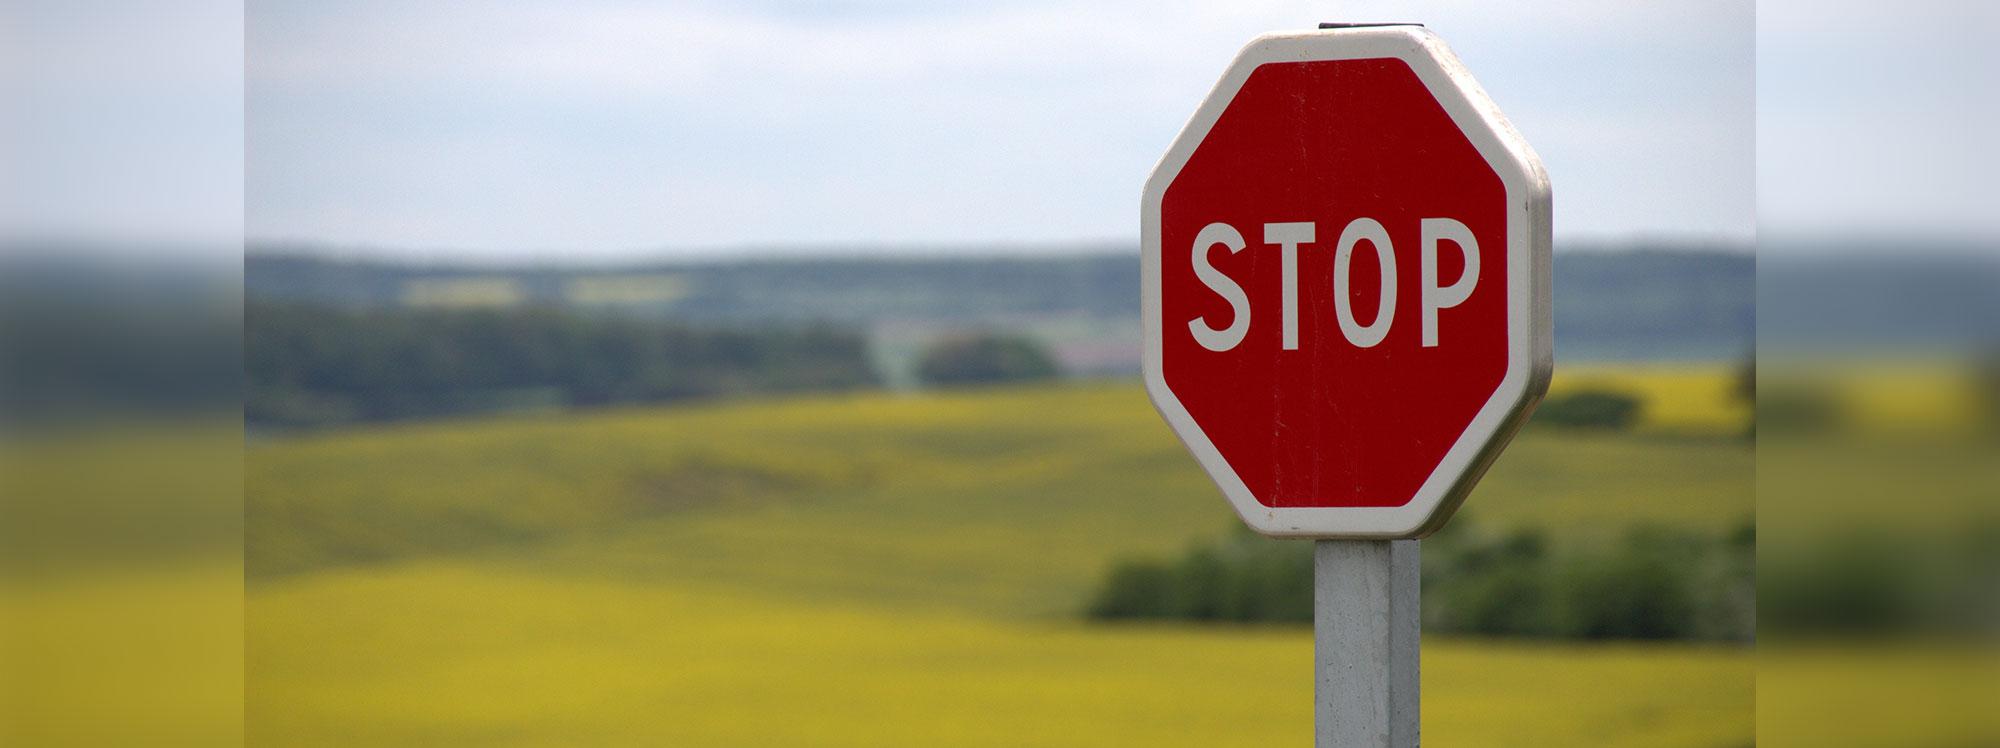 ¿Sabía que existen distintos tipos de señales de tránsito?